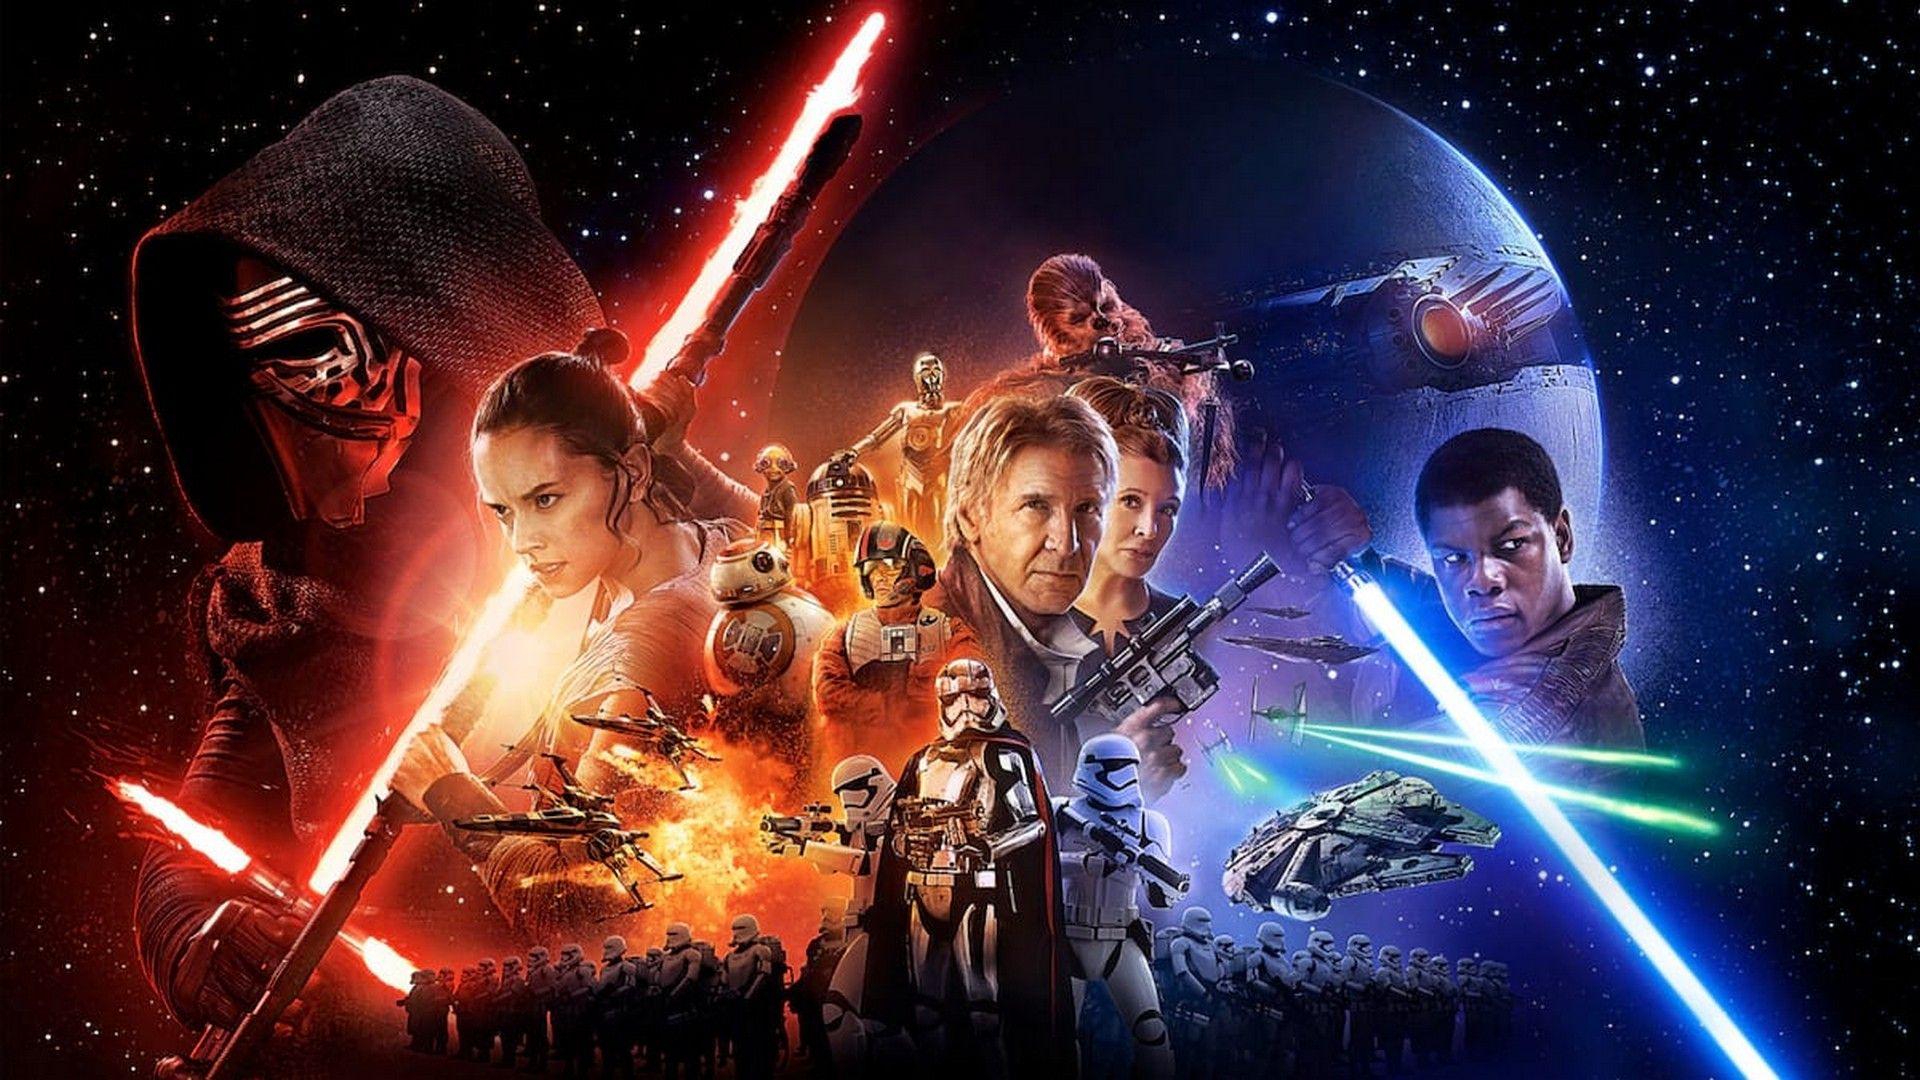 Star Wars The Last Jedi Wallpaper Hd